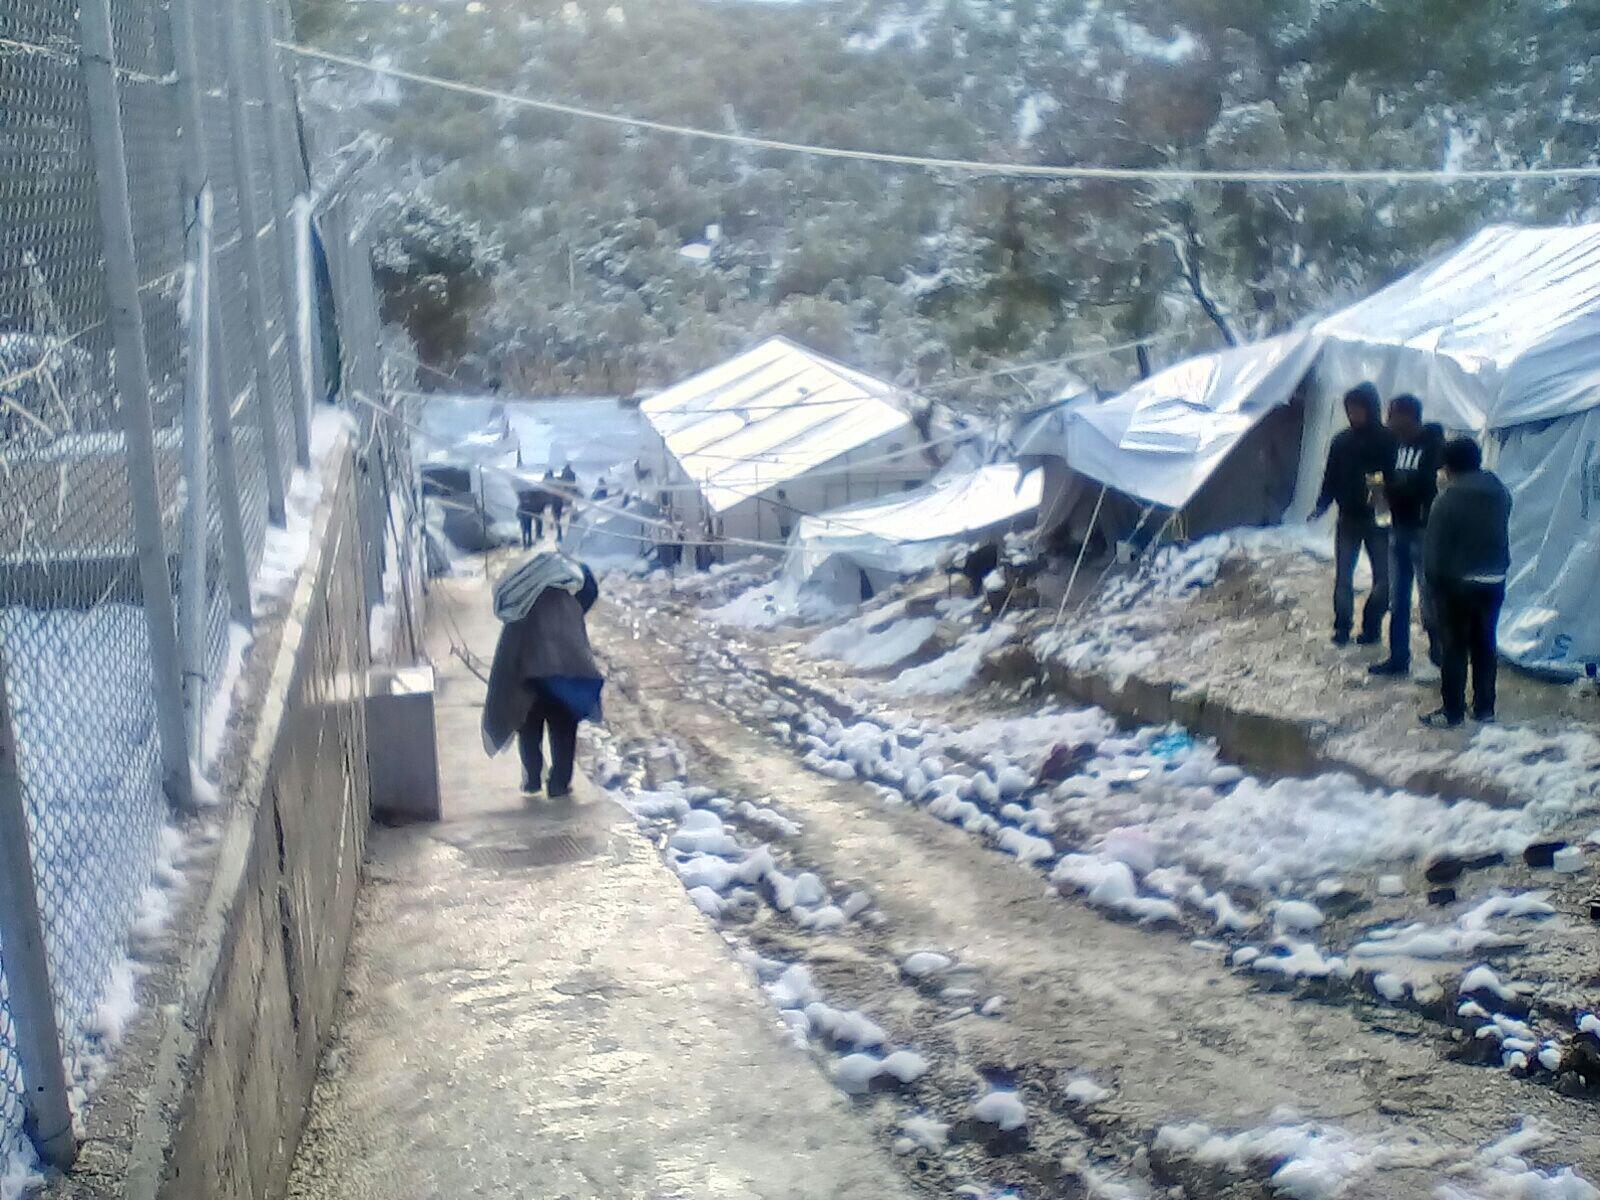 Une allée du camp de Moria, le 9 janvier 2017. Photo envoyée par notre Observateur.